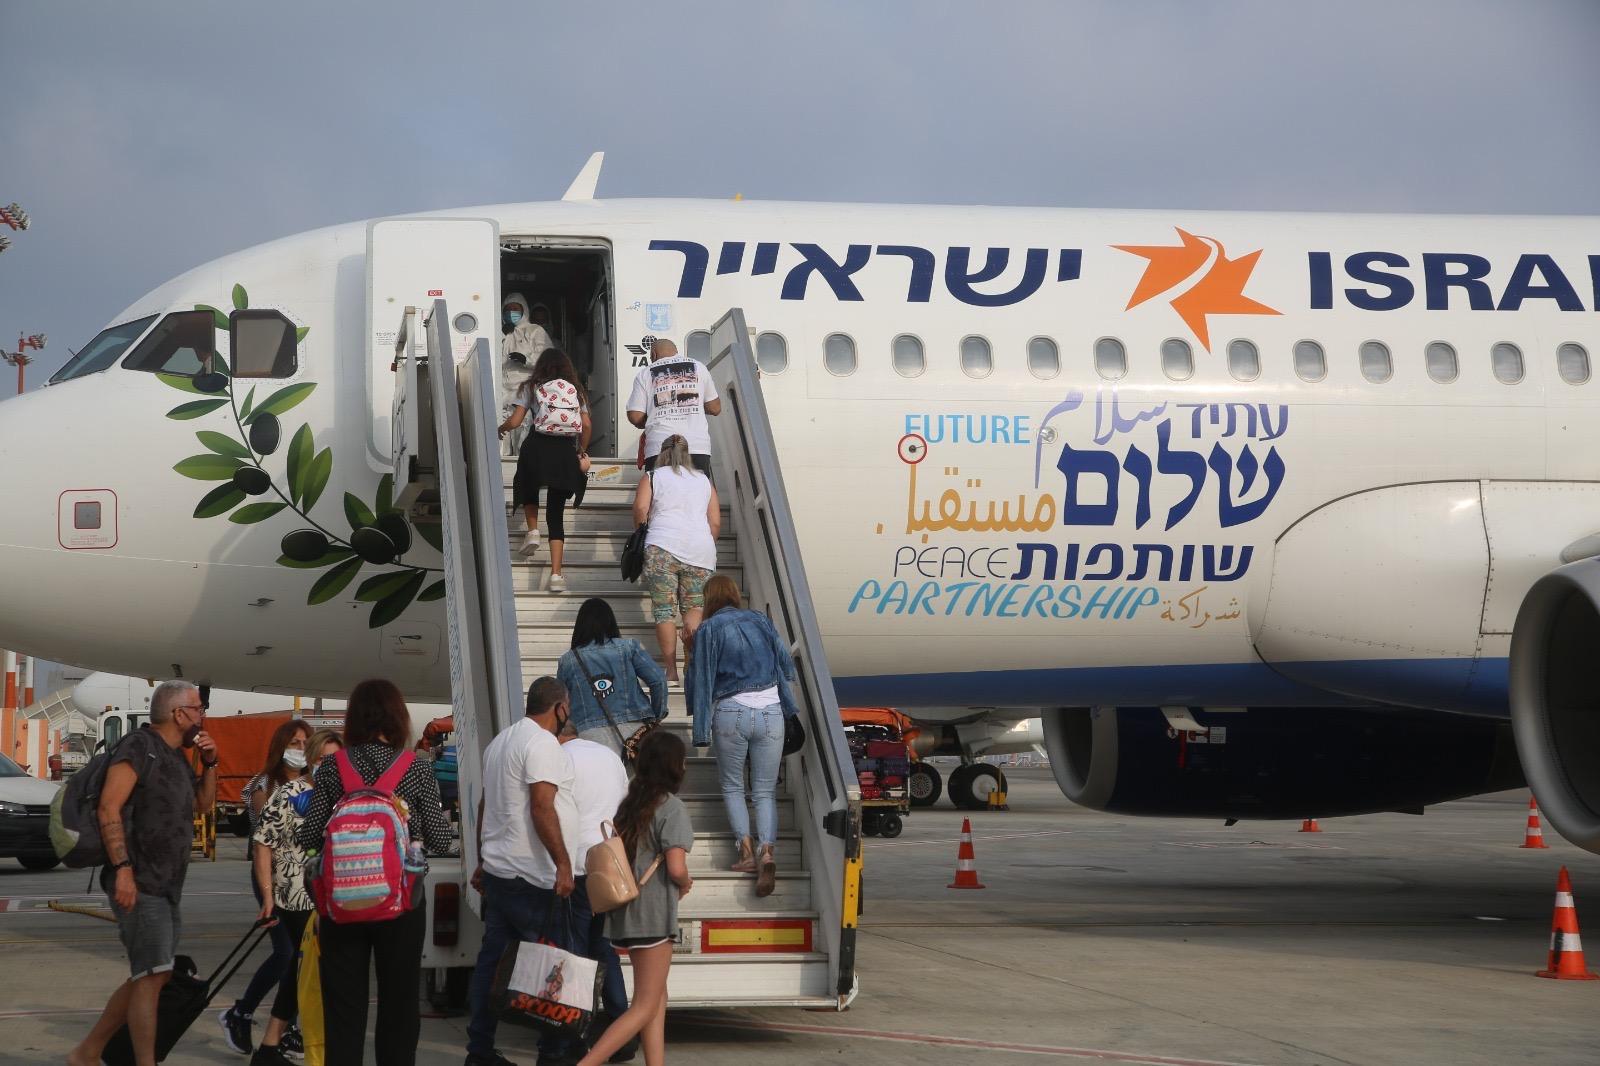 ישראייר תפעיל טיסה יומית לדובאי